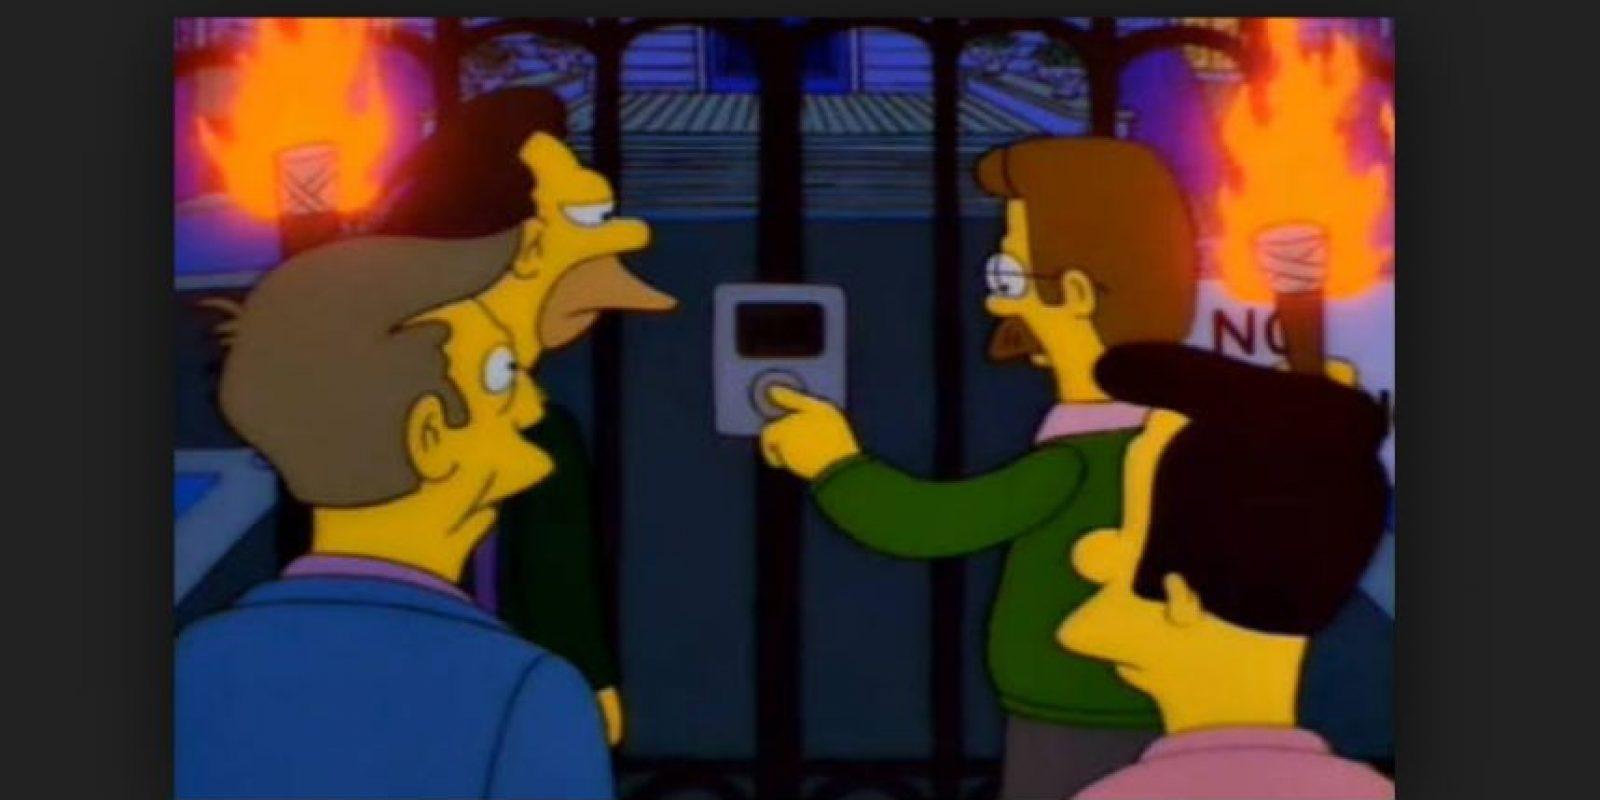 """En 1996, en el episodio """"Bart after dark"""", el intercomunicador de alta tecnología que se encuentra en la mansión del Sr. Burns es igual a los iPod de primera generación. Foto:Fox. Imagen Por:"""